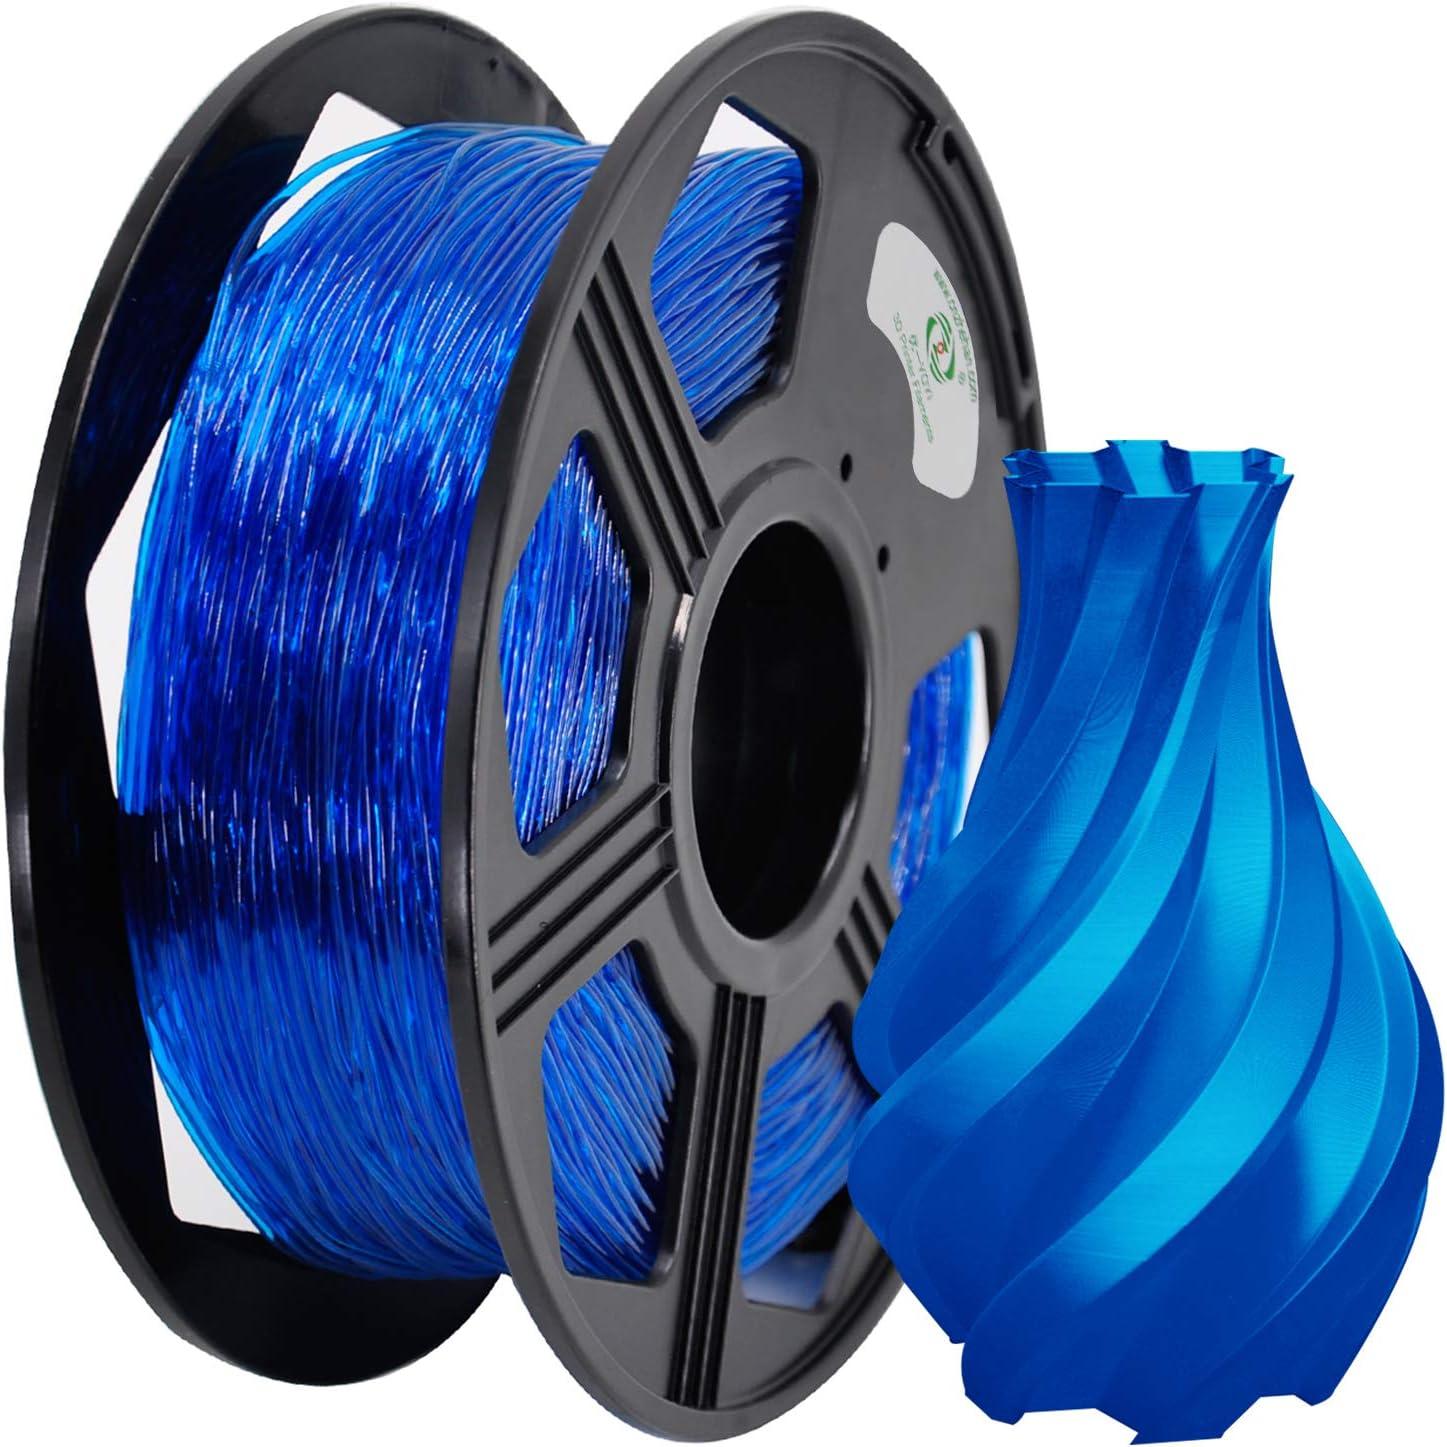 TPU Filament 1.75mm YOYI Max 64% OFF Max 61% OFF 3D Flexible Printer